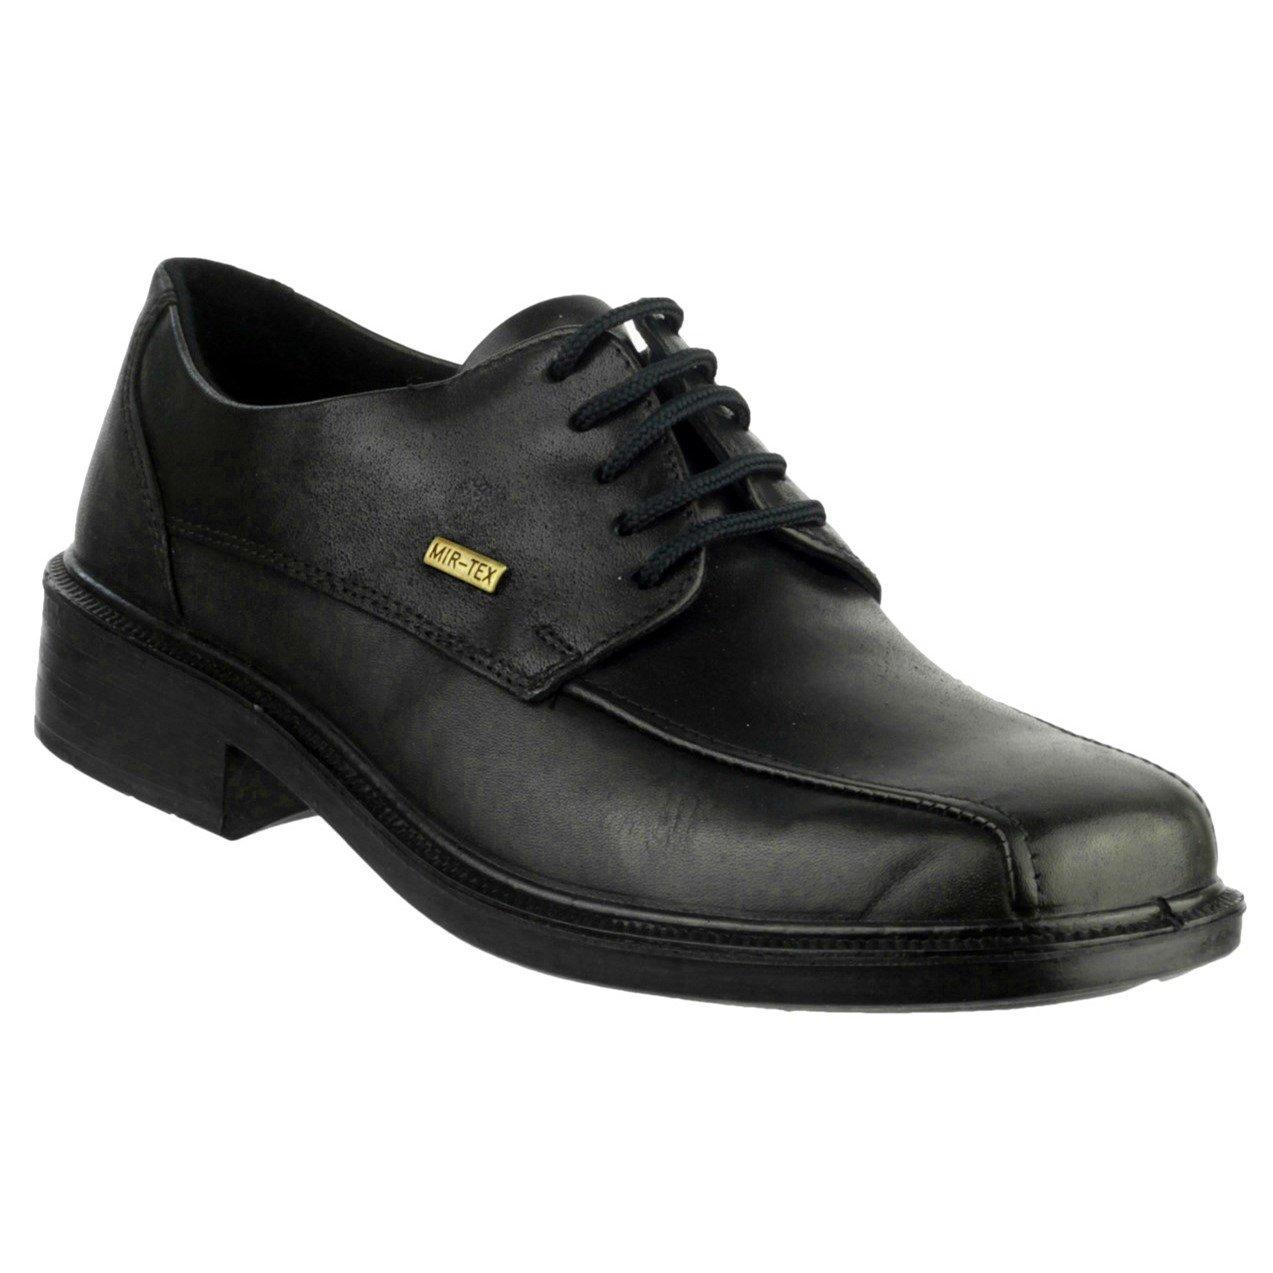 Cotswold Men's Stonehouse Waterproof Shoe Various Colours 32971 - Black 7